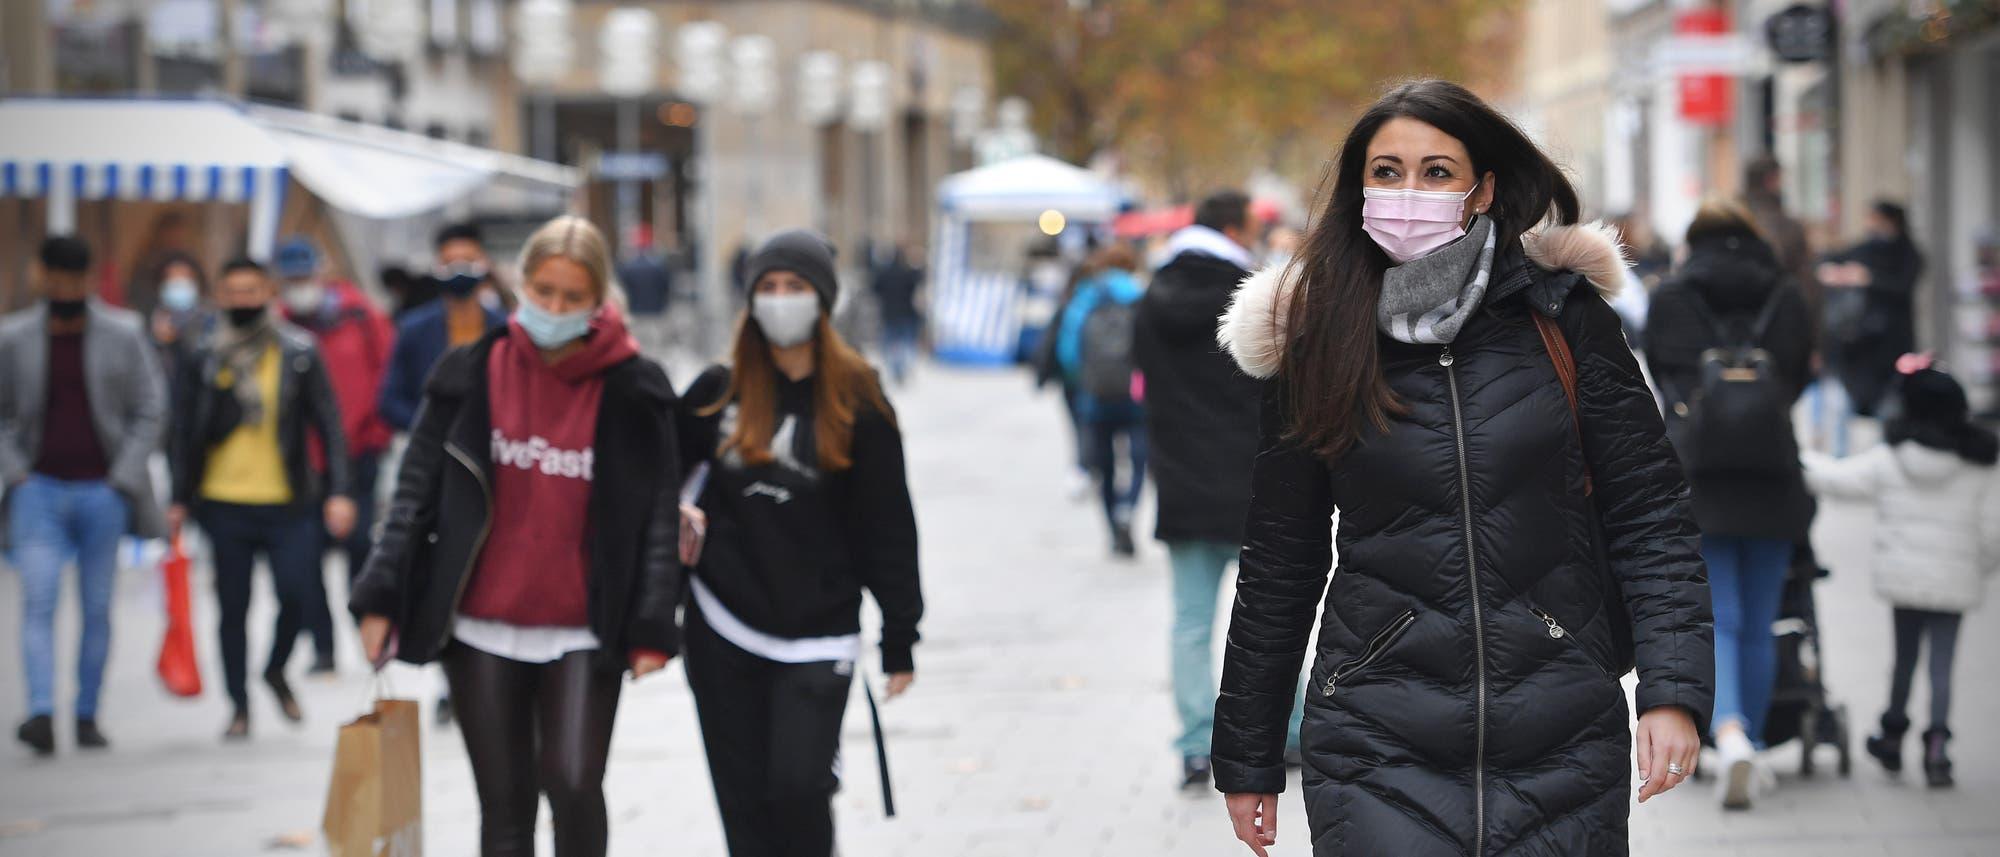 Maske auf in der Münchner Fußgängerzone